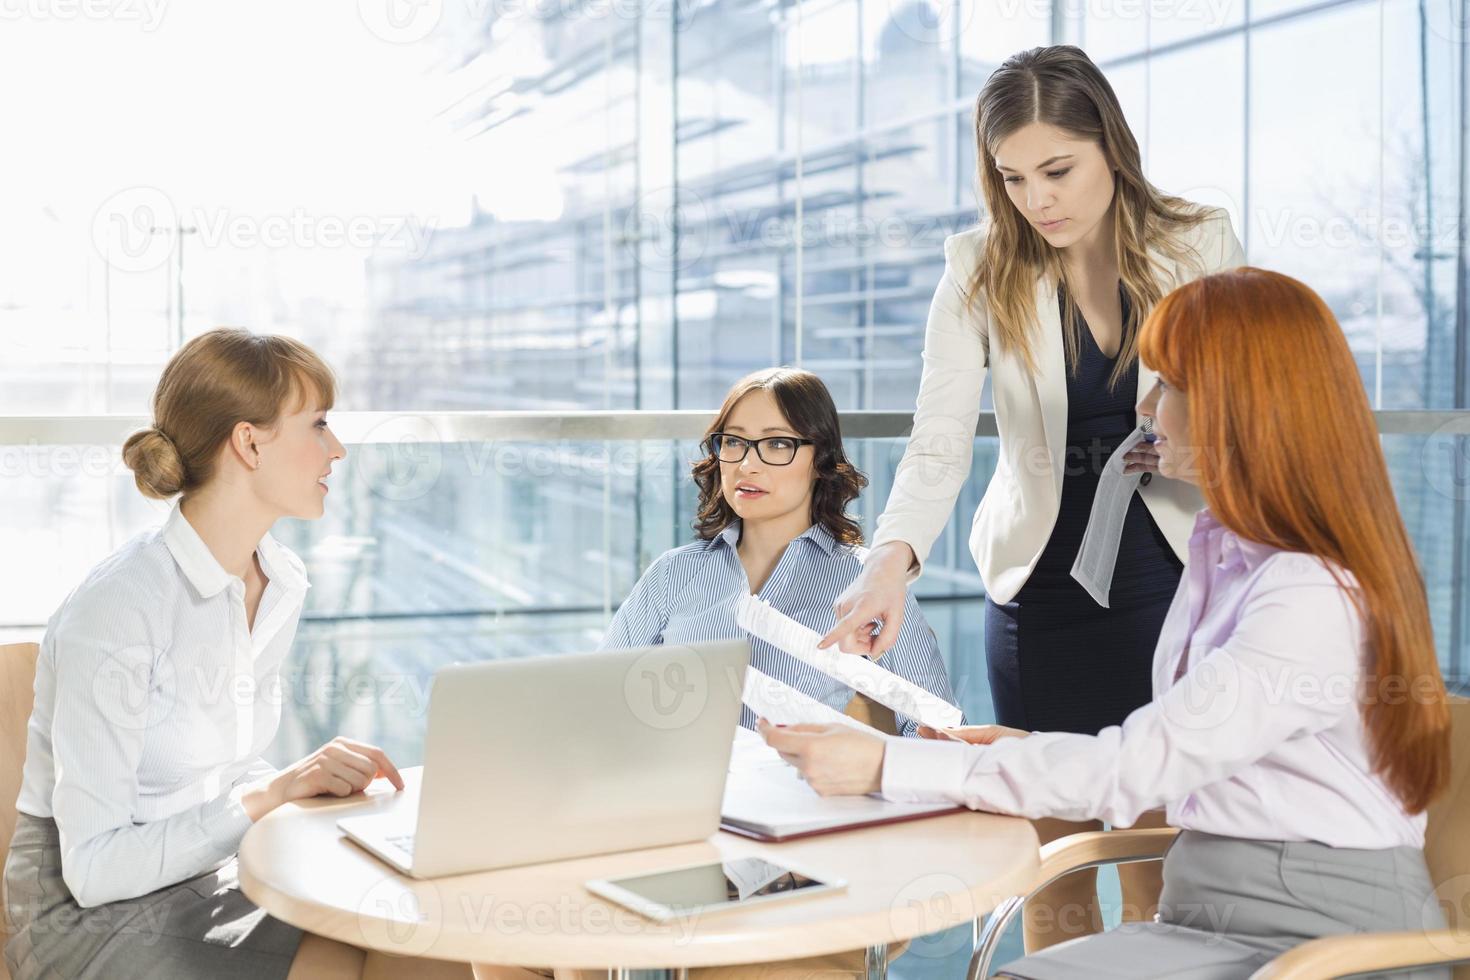 donne in affari foto